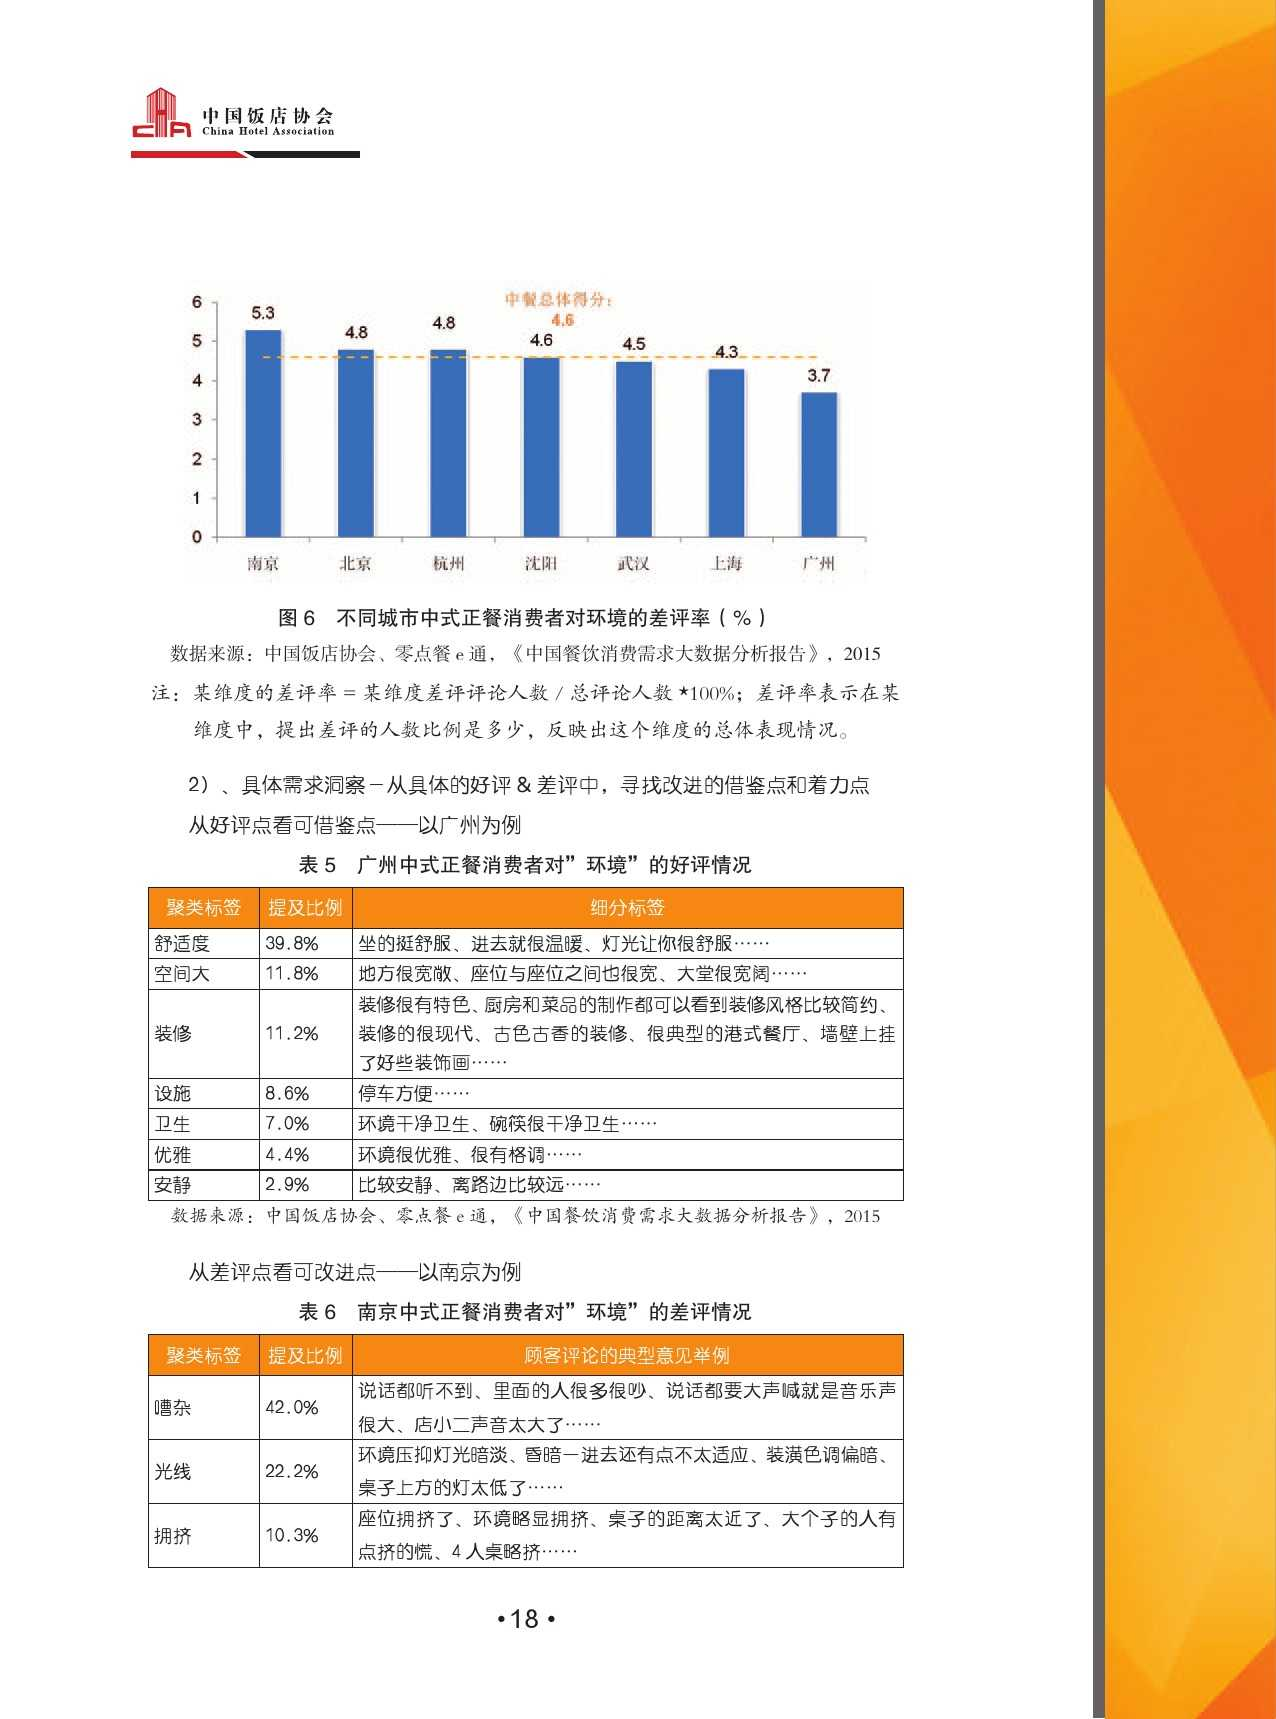 2015中国餐饮消费需求大数据分析报告_000020